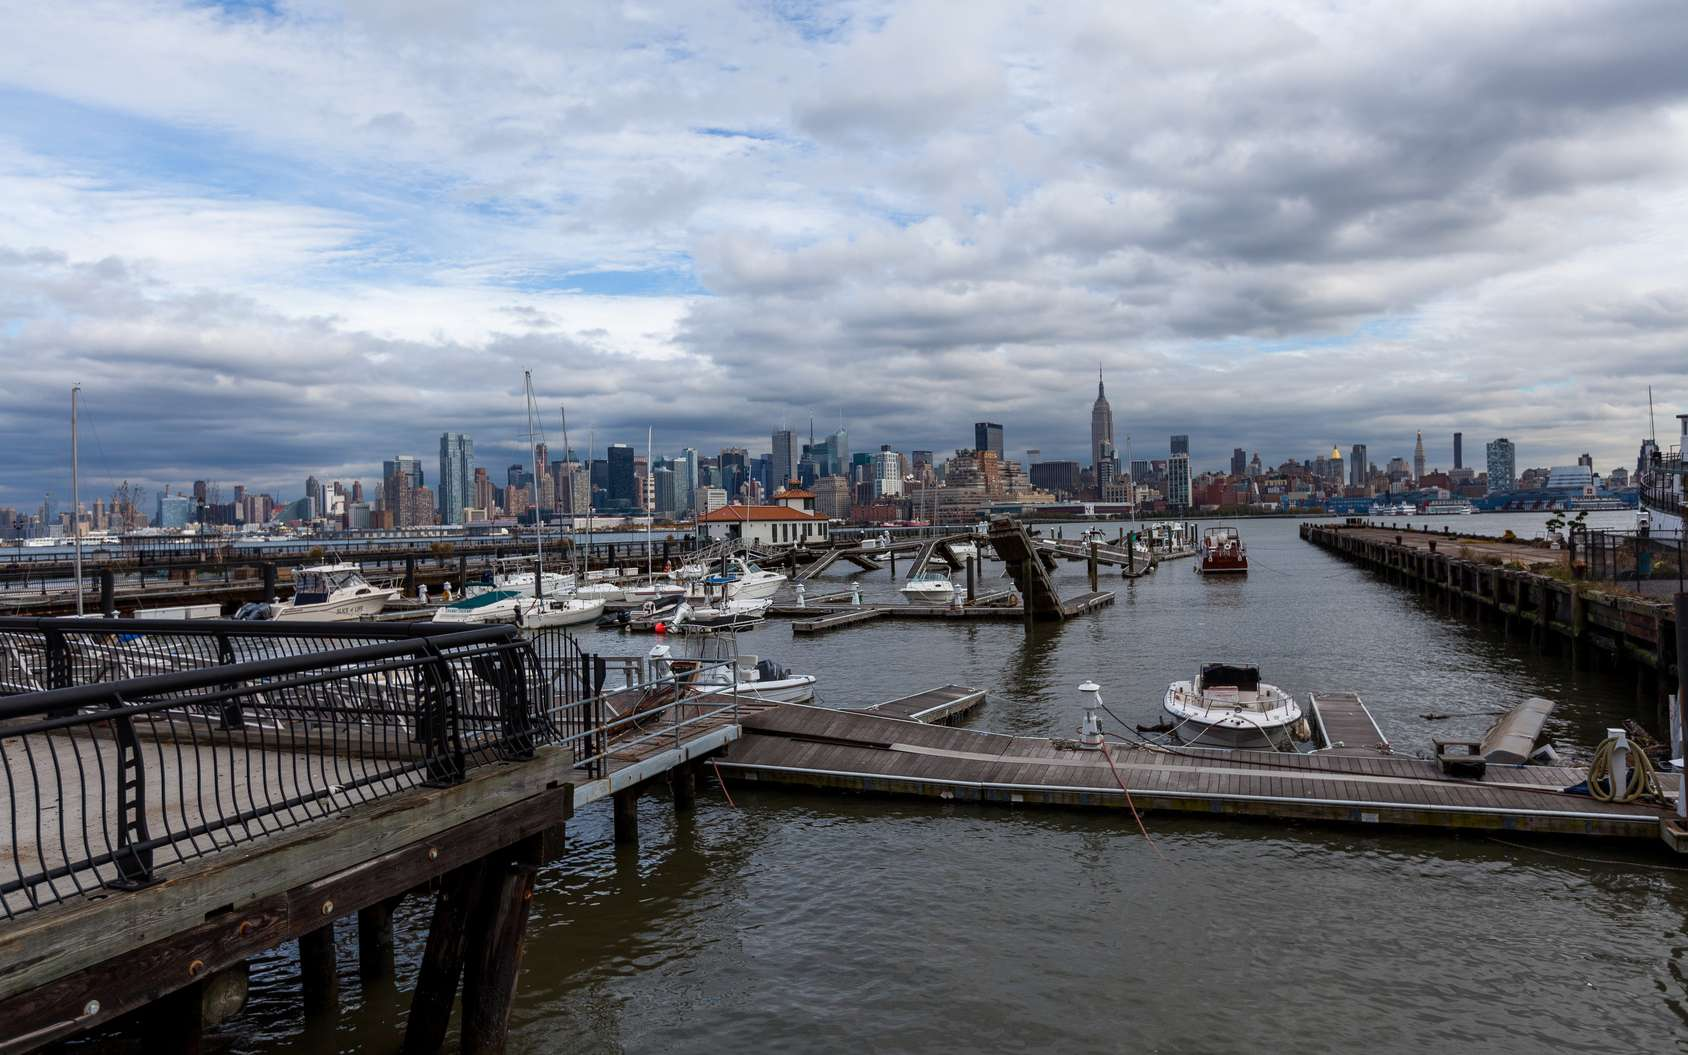 Le réchauffement climatique va engendrer la hausse des eaux. Ici, New York après le passage de l'ouragan Sandy. © Sergey, Fotolia